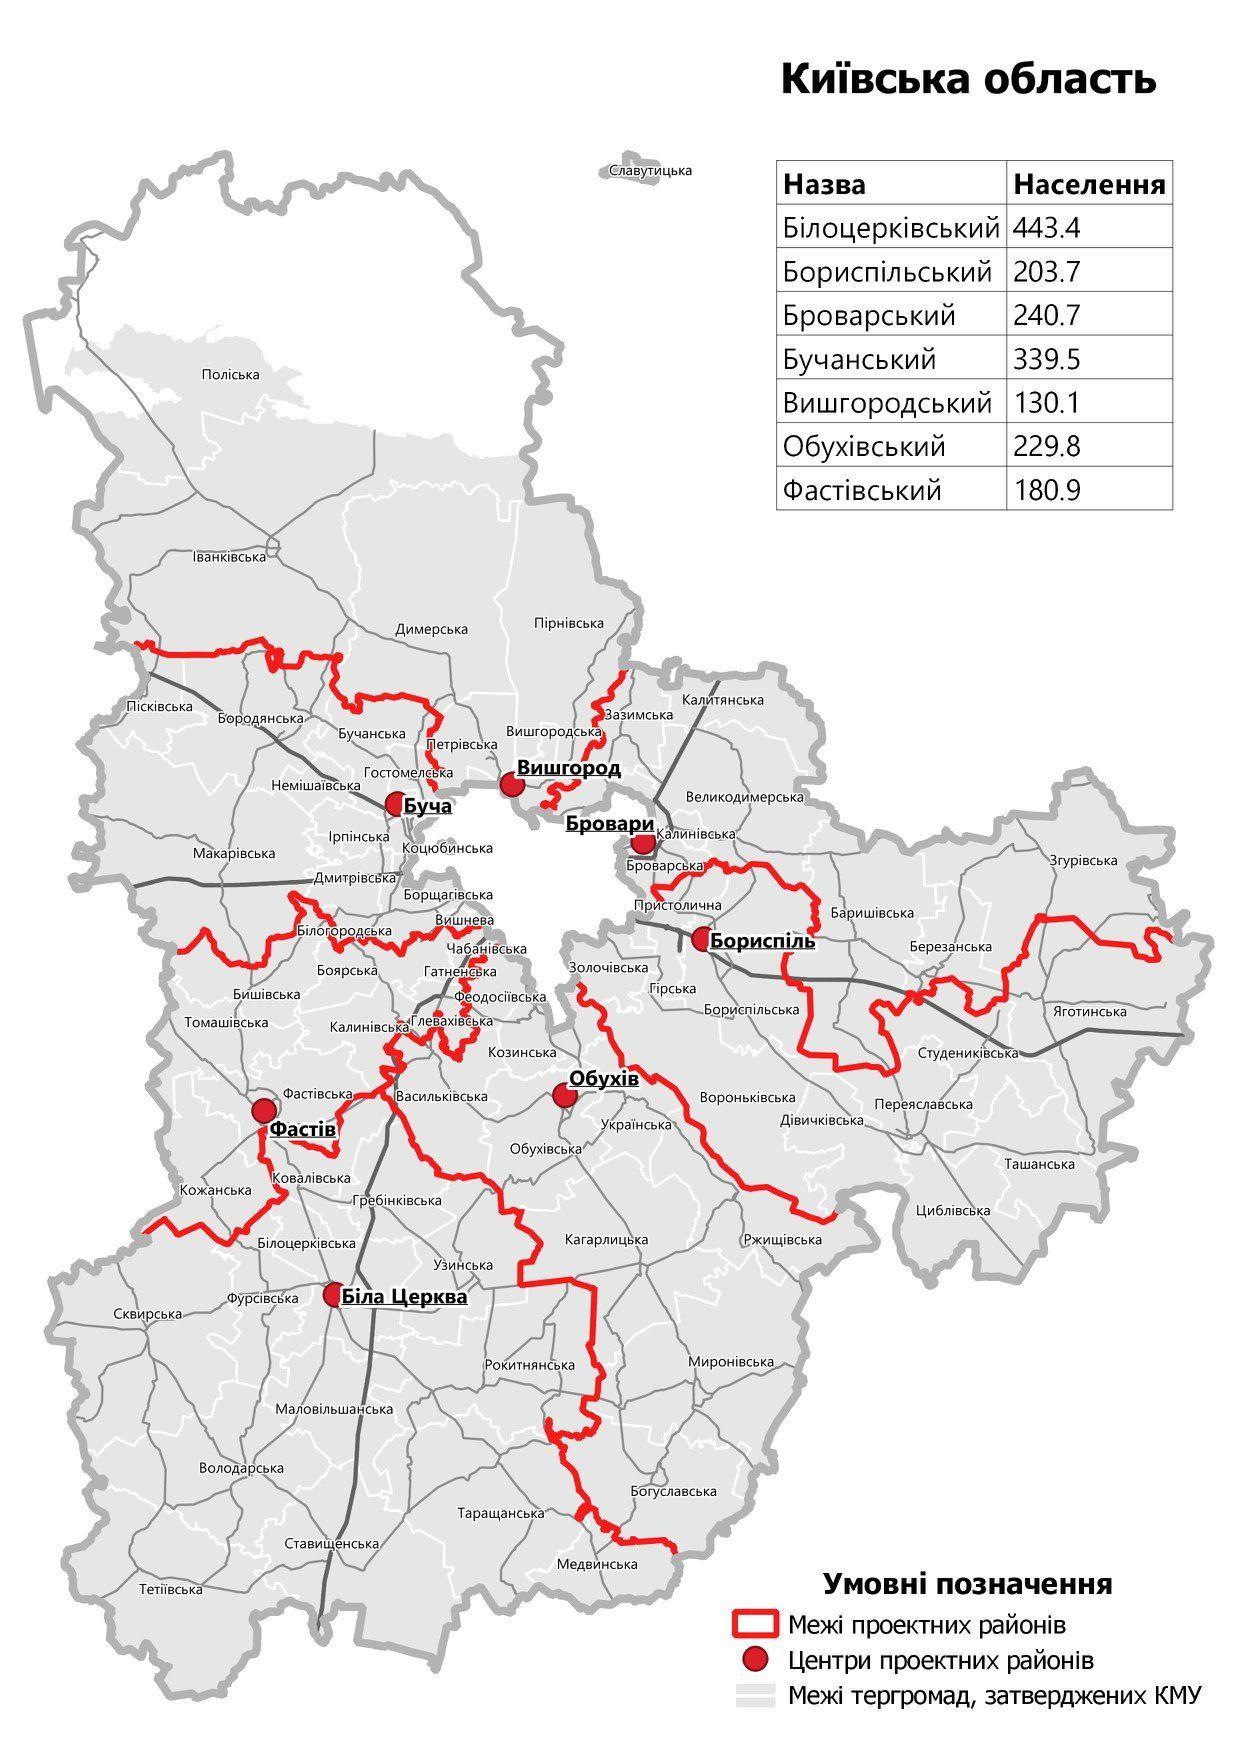 Мапа нових районів_21